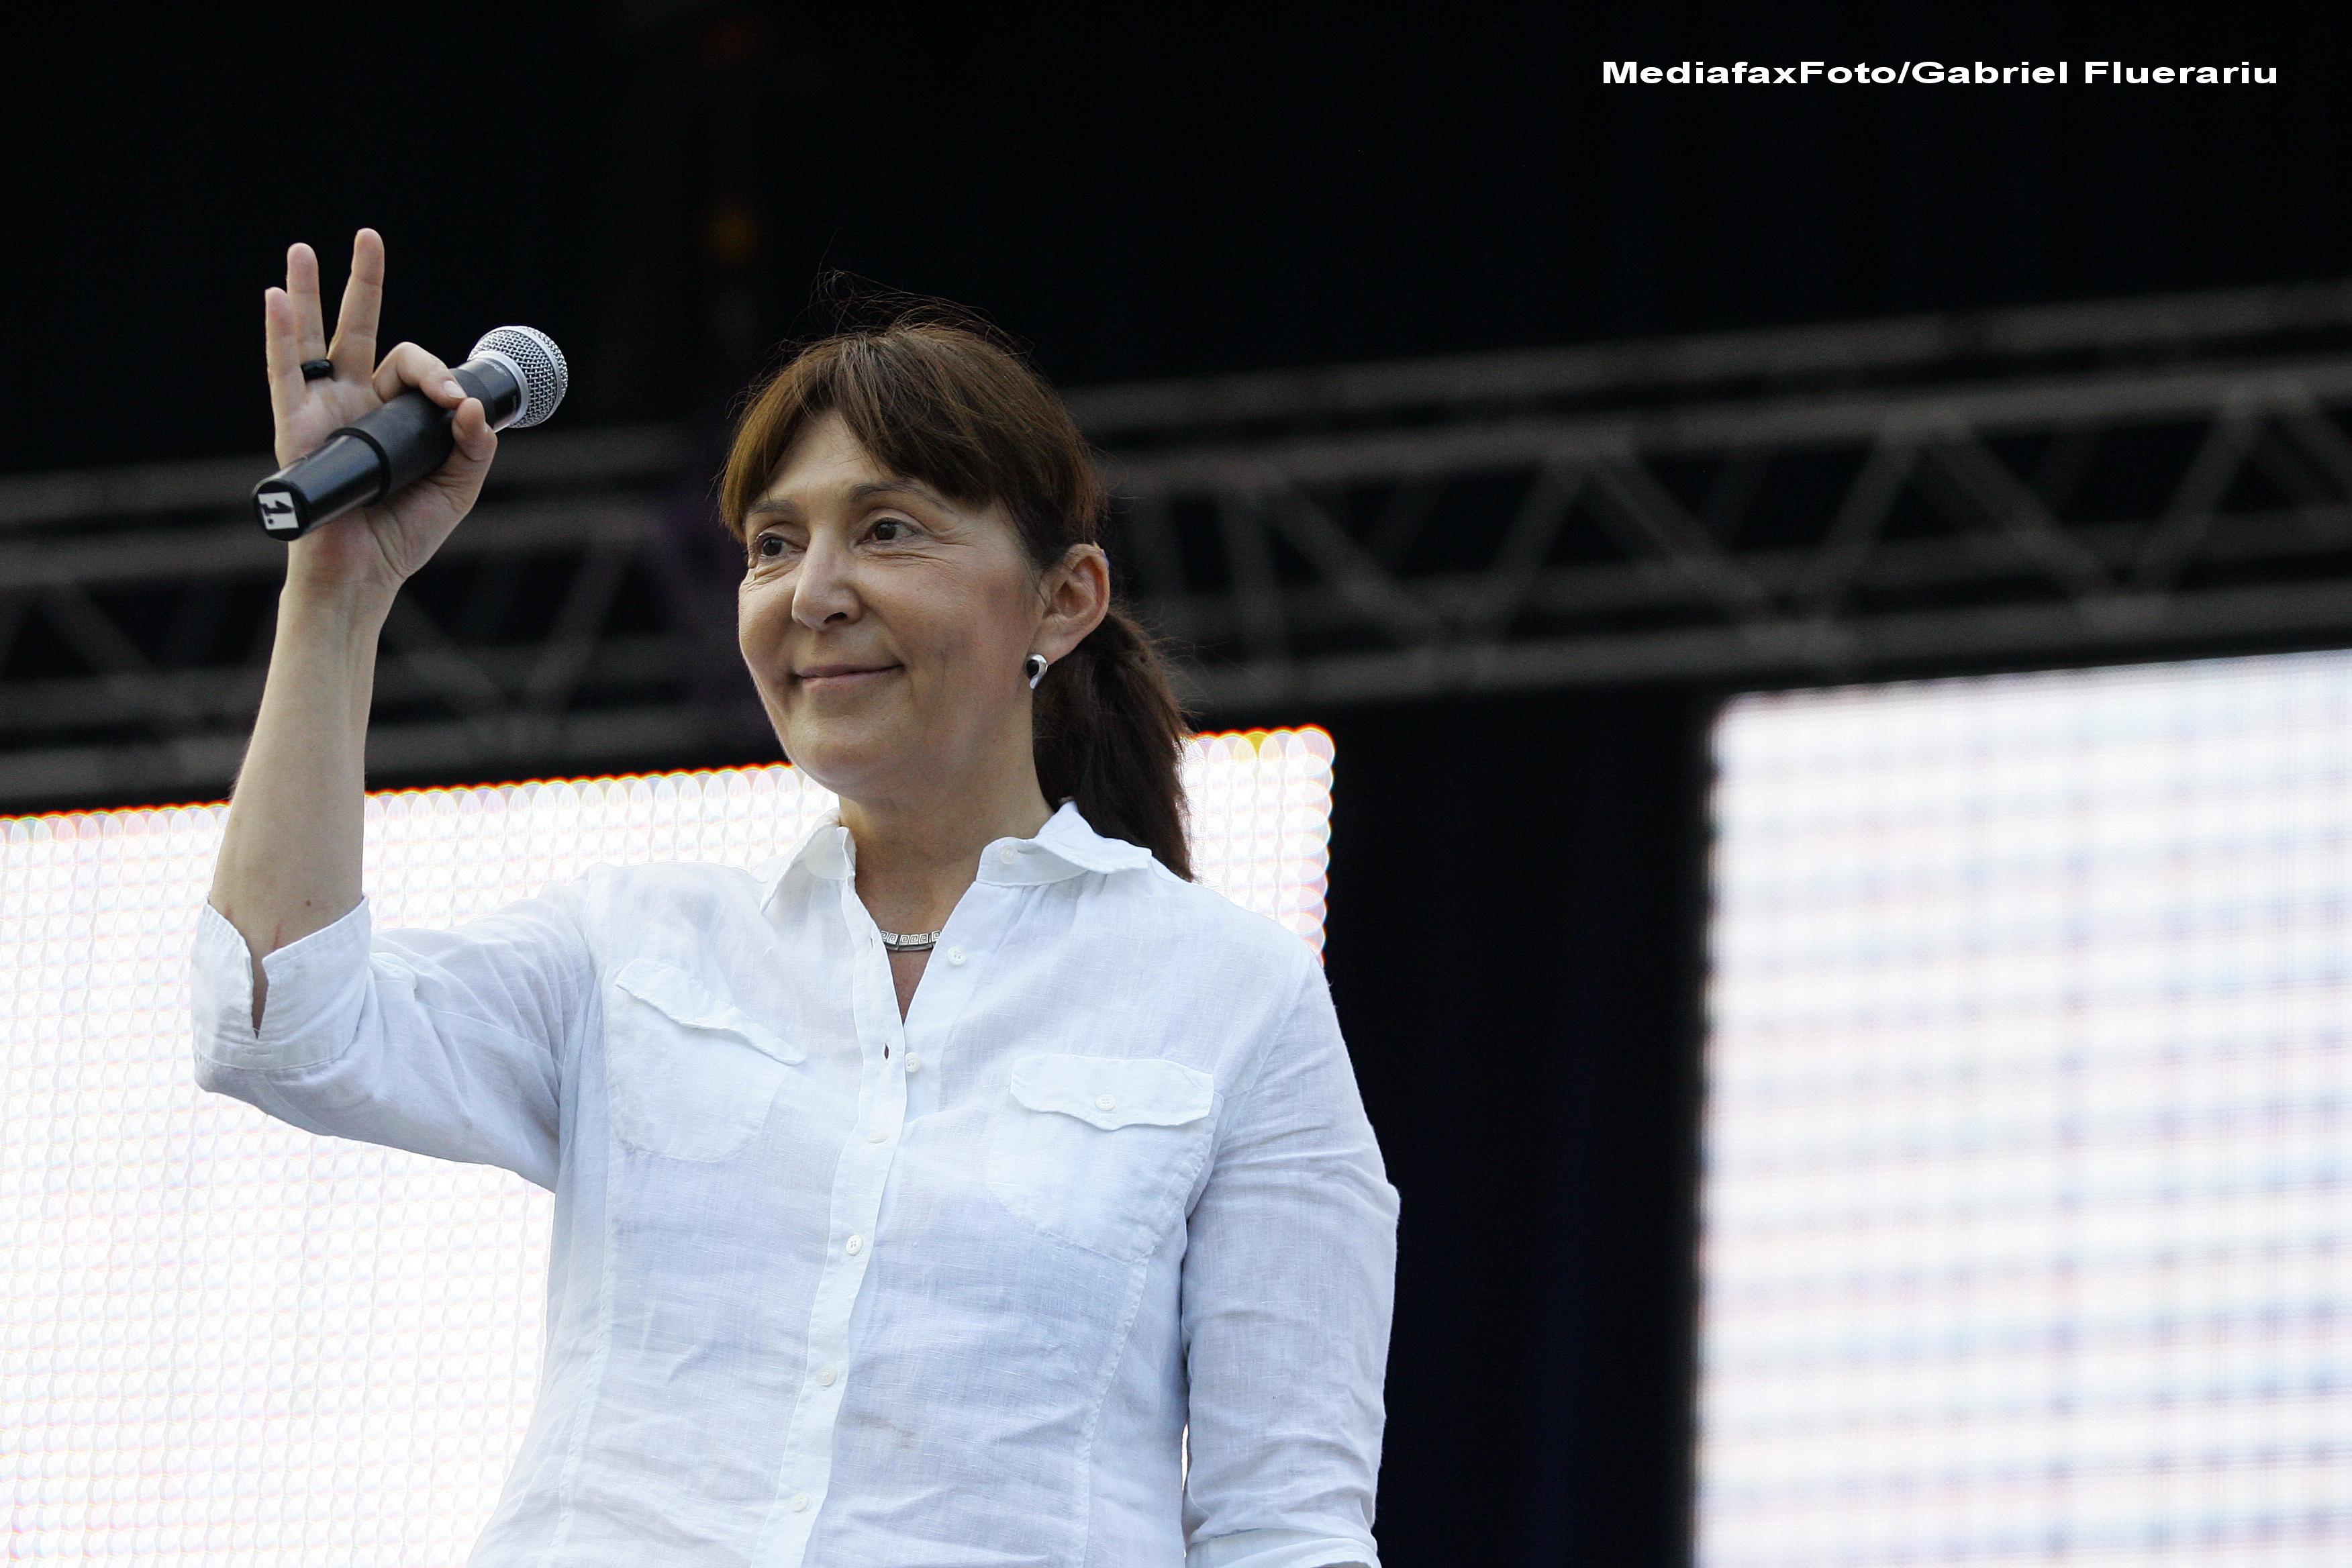 Monica Macovei ii trimite lui Iohannis o scrisoare cu 10 cerinte si asteapta raspuns semnat pentru a-l vota